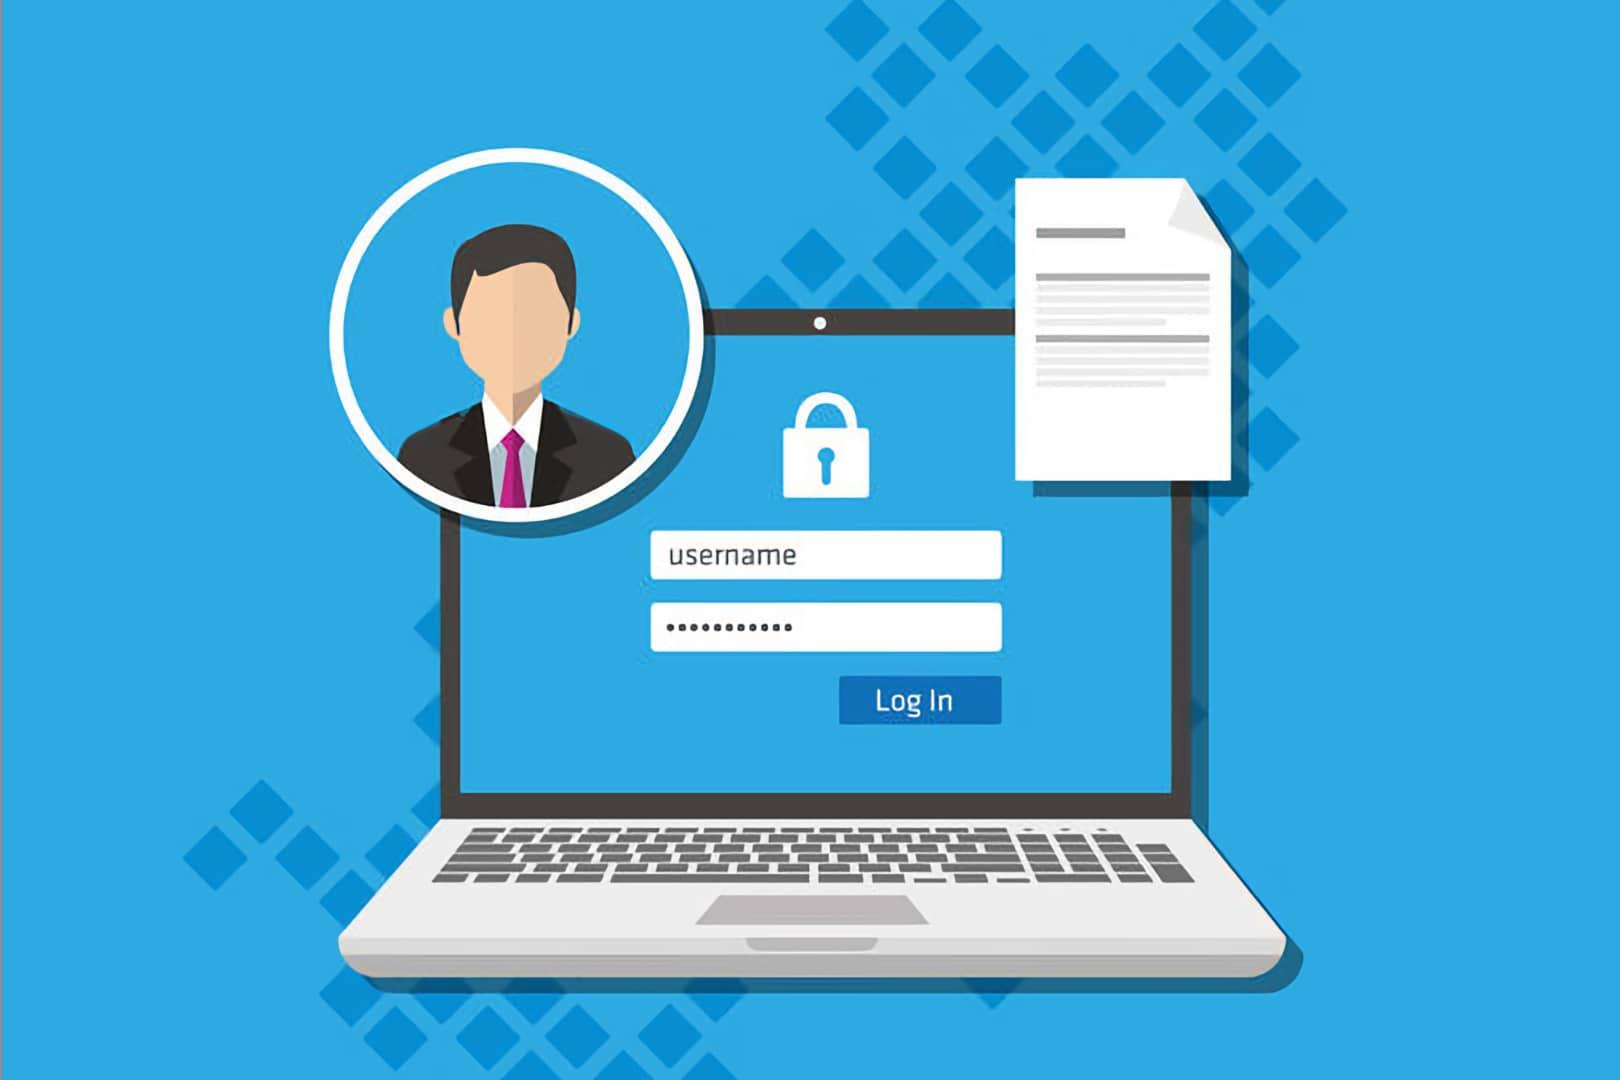 Password policy: informativa sull'uso corretto delle credenziali ...